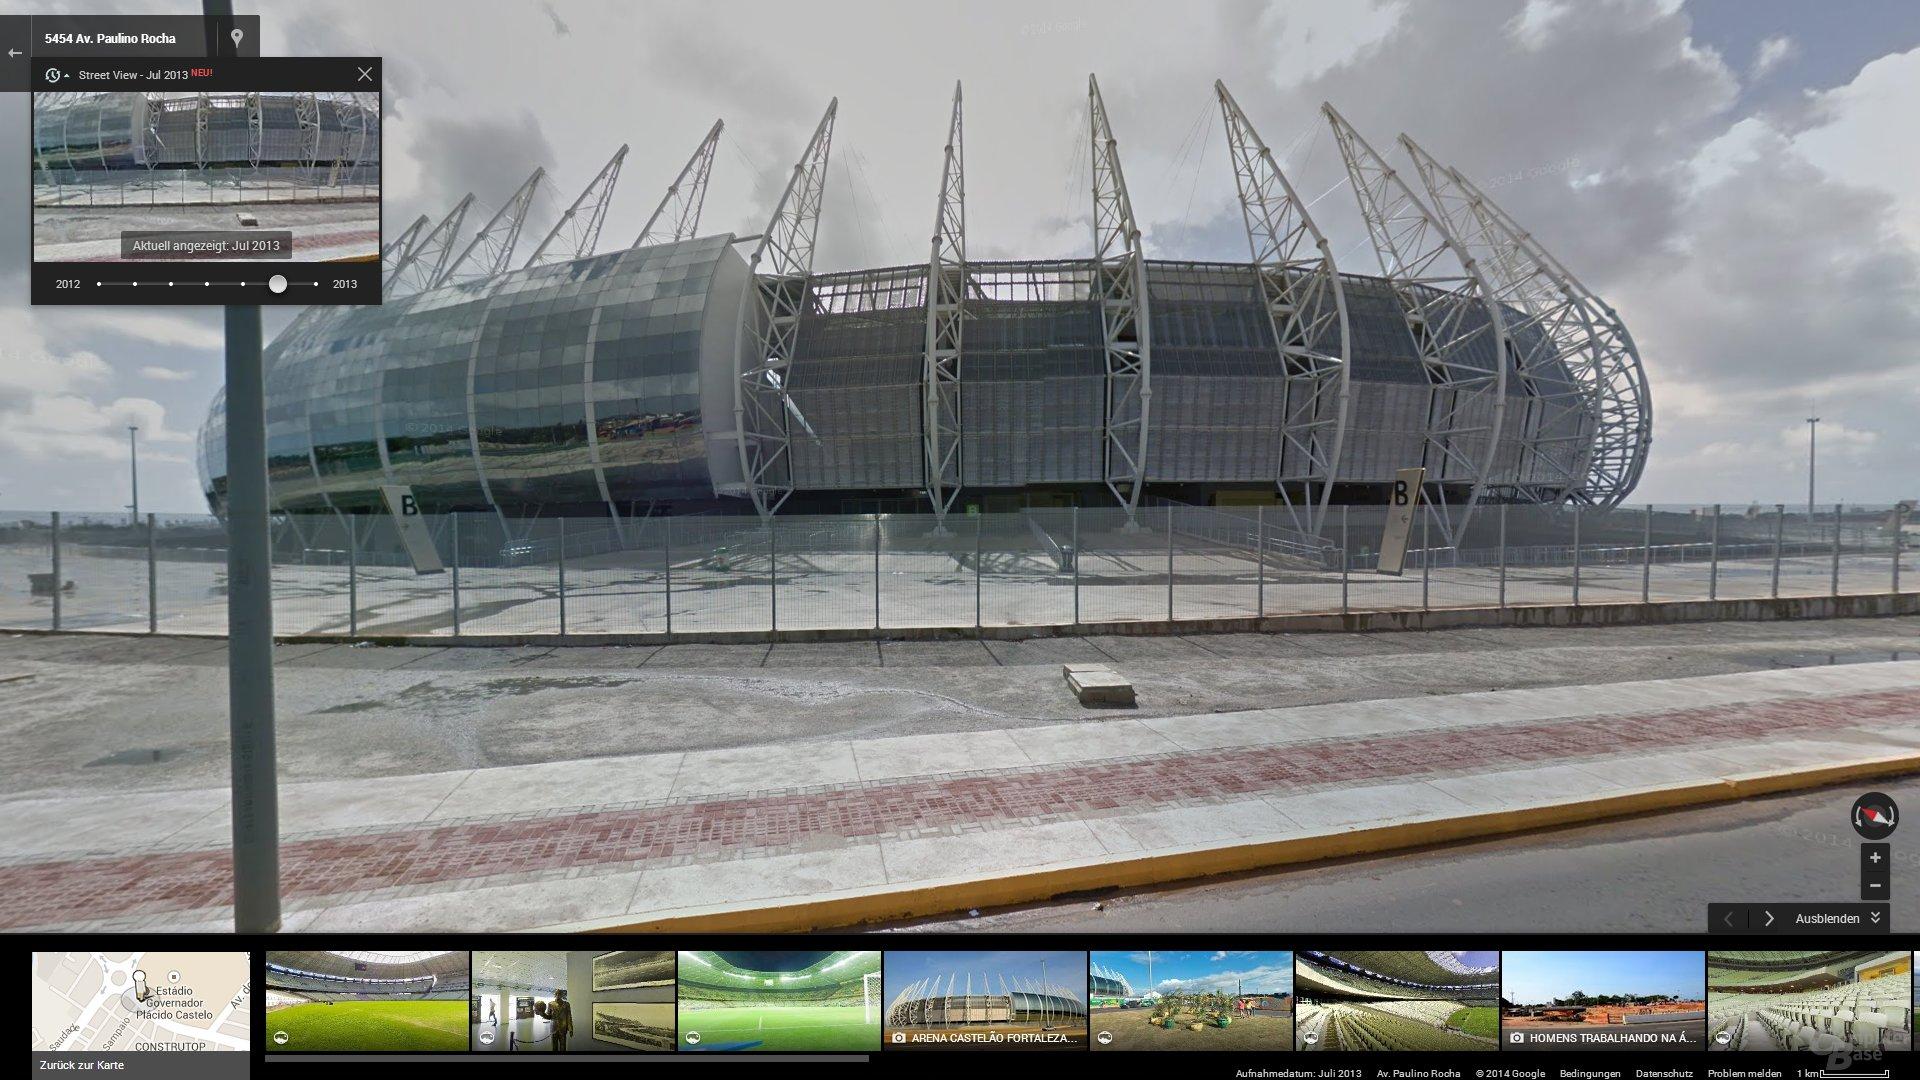 Zeitreise mit Google Street View: 2014 World Cup Stadium in Fortaleza, Brazil